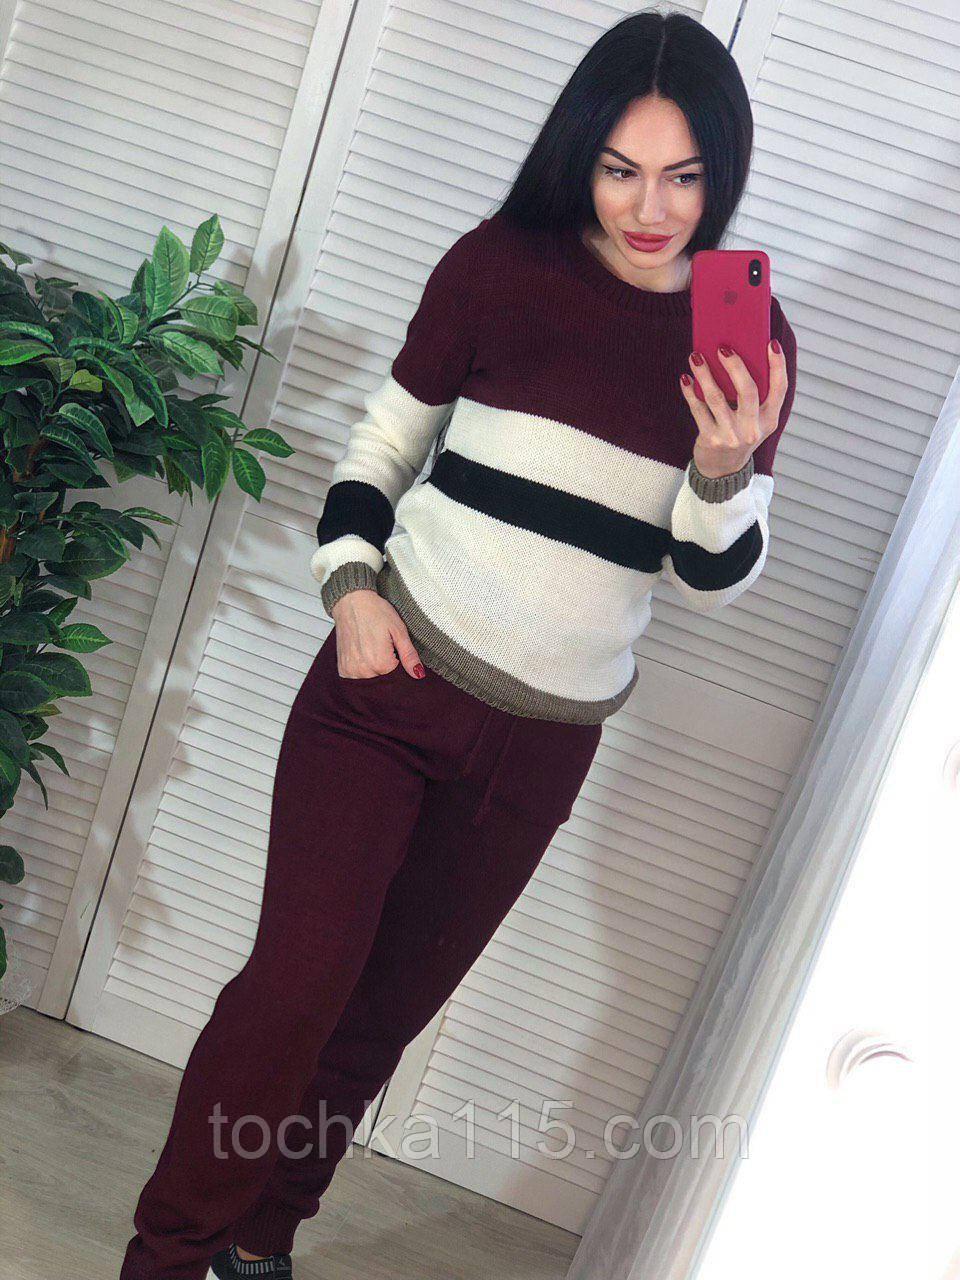 Вязаный женский костюм, теплый и приятный к телу, 42-46р, цвет бордо